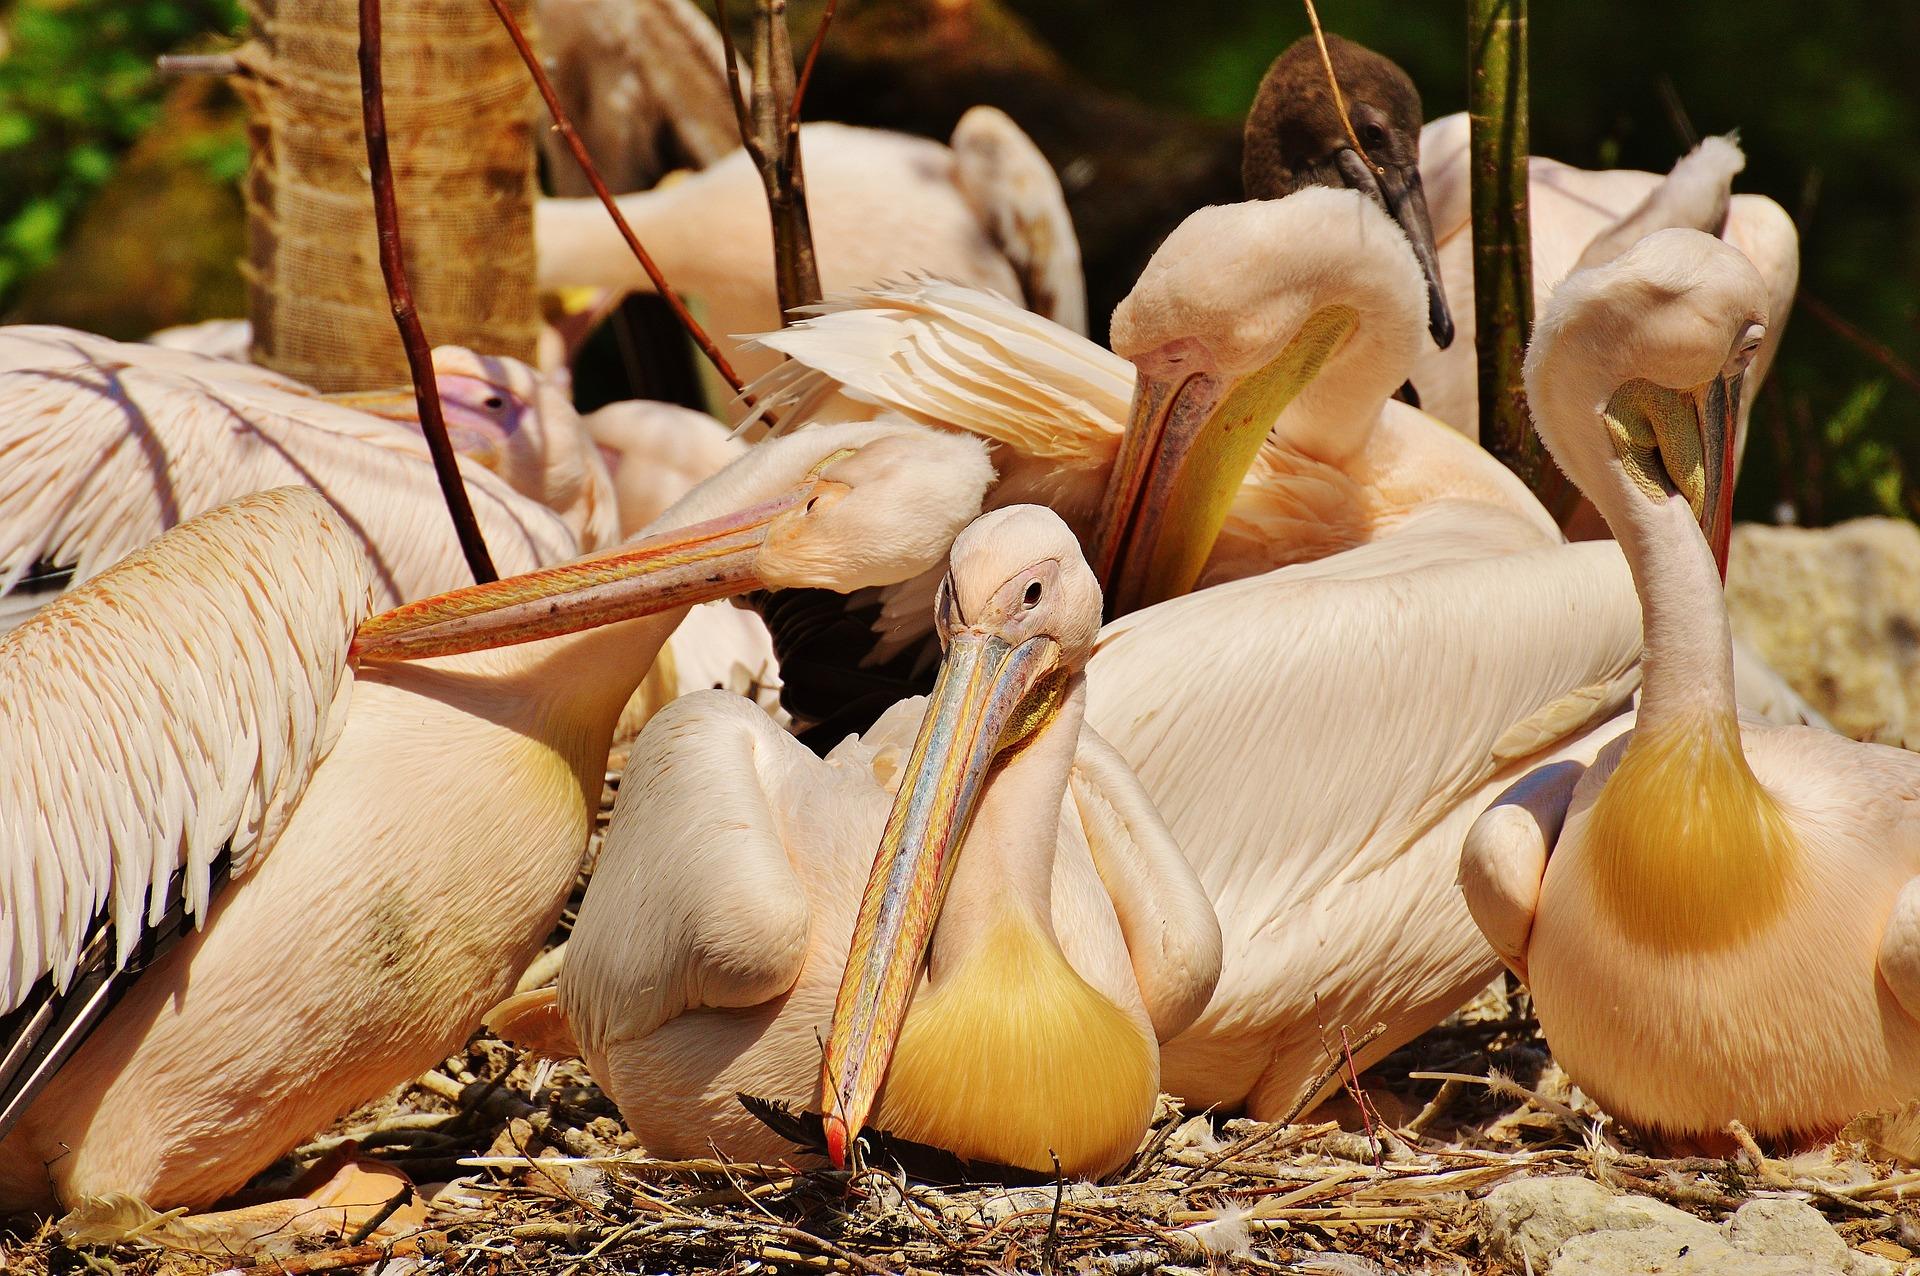 Zoo de Viena sacrifica pelícanos por brote de gripe aviar